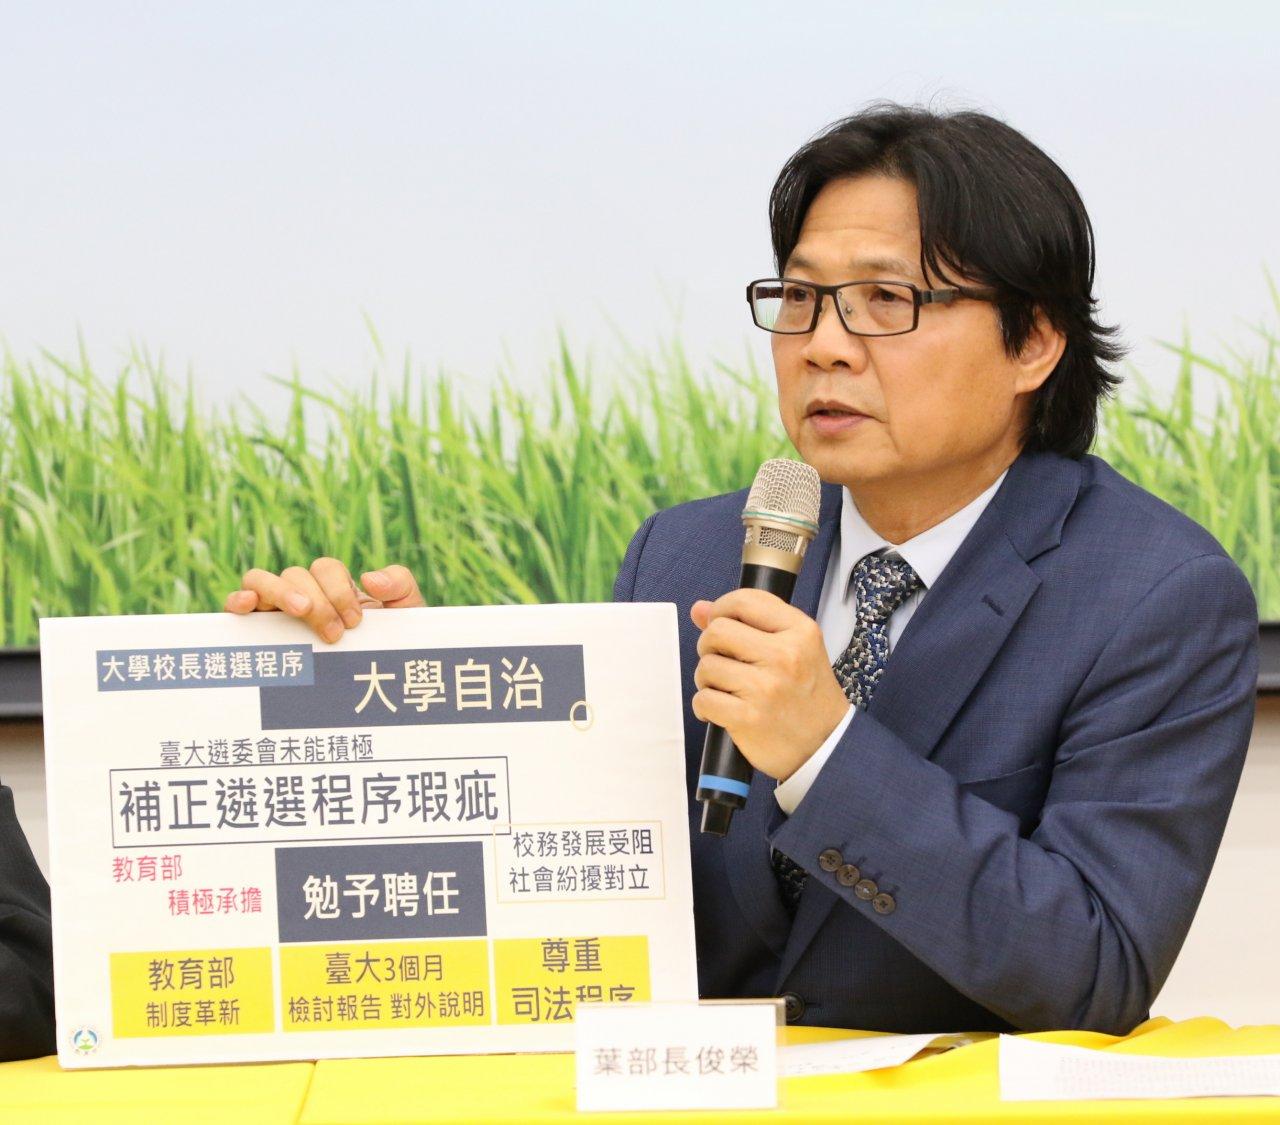 快訊!教部宣布聘任管中閔為台大校長